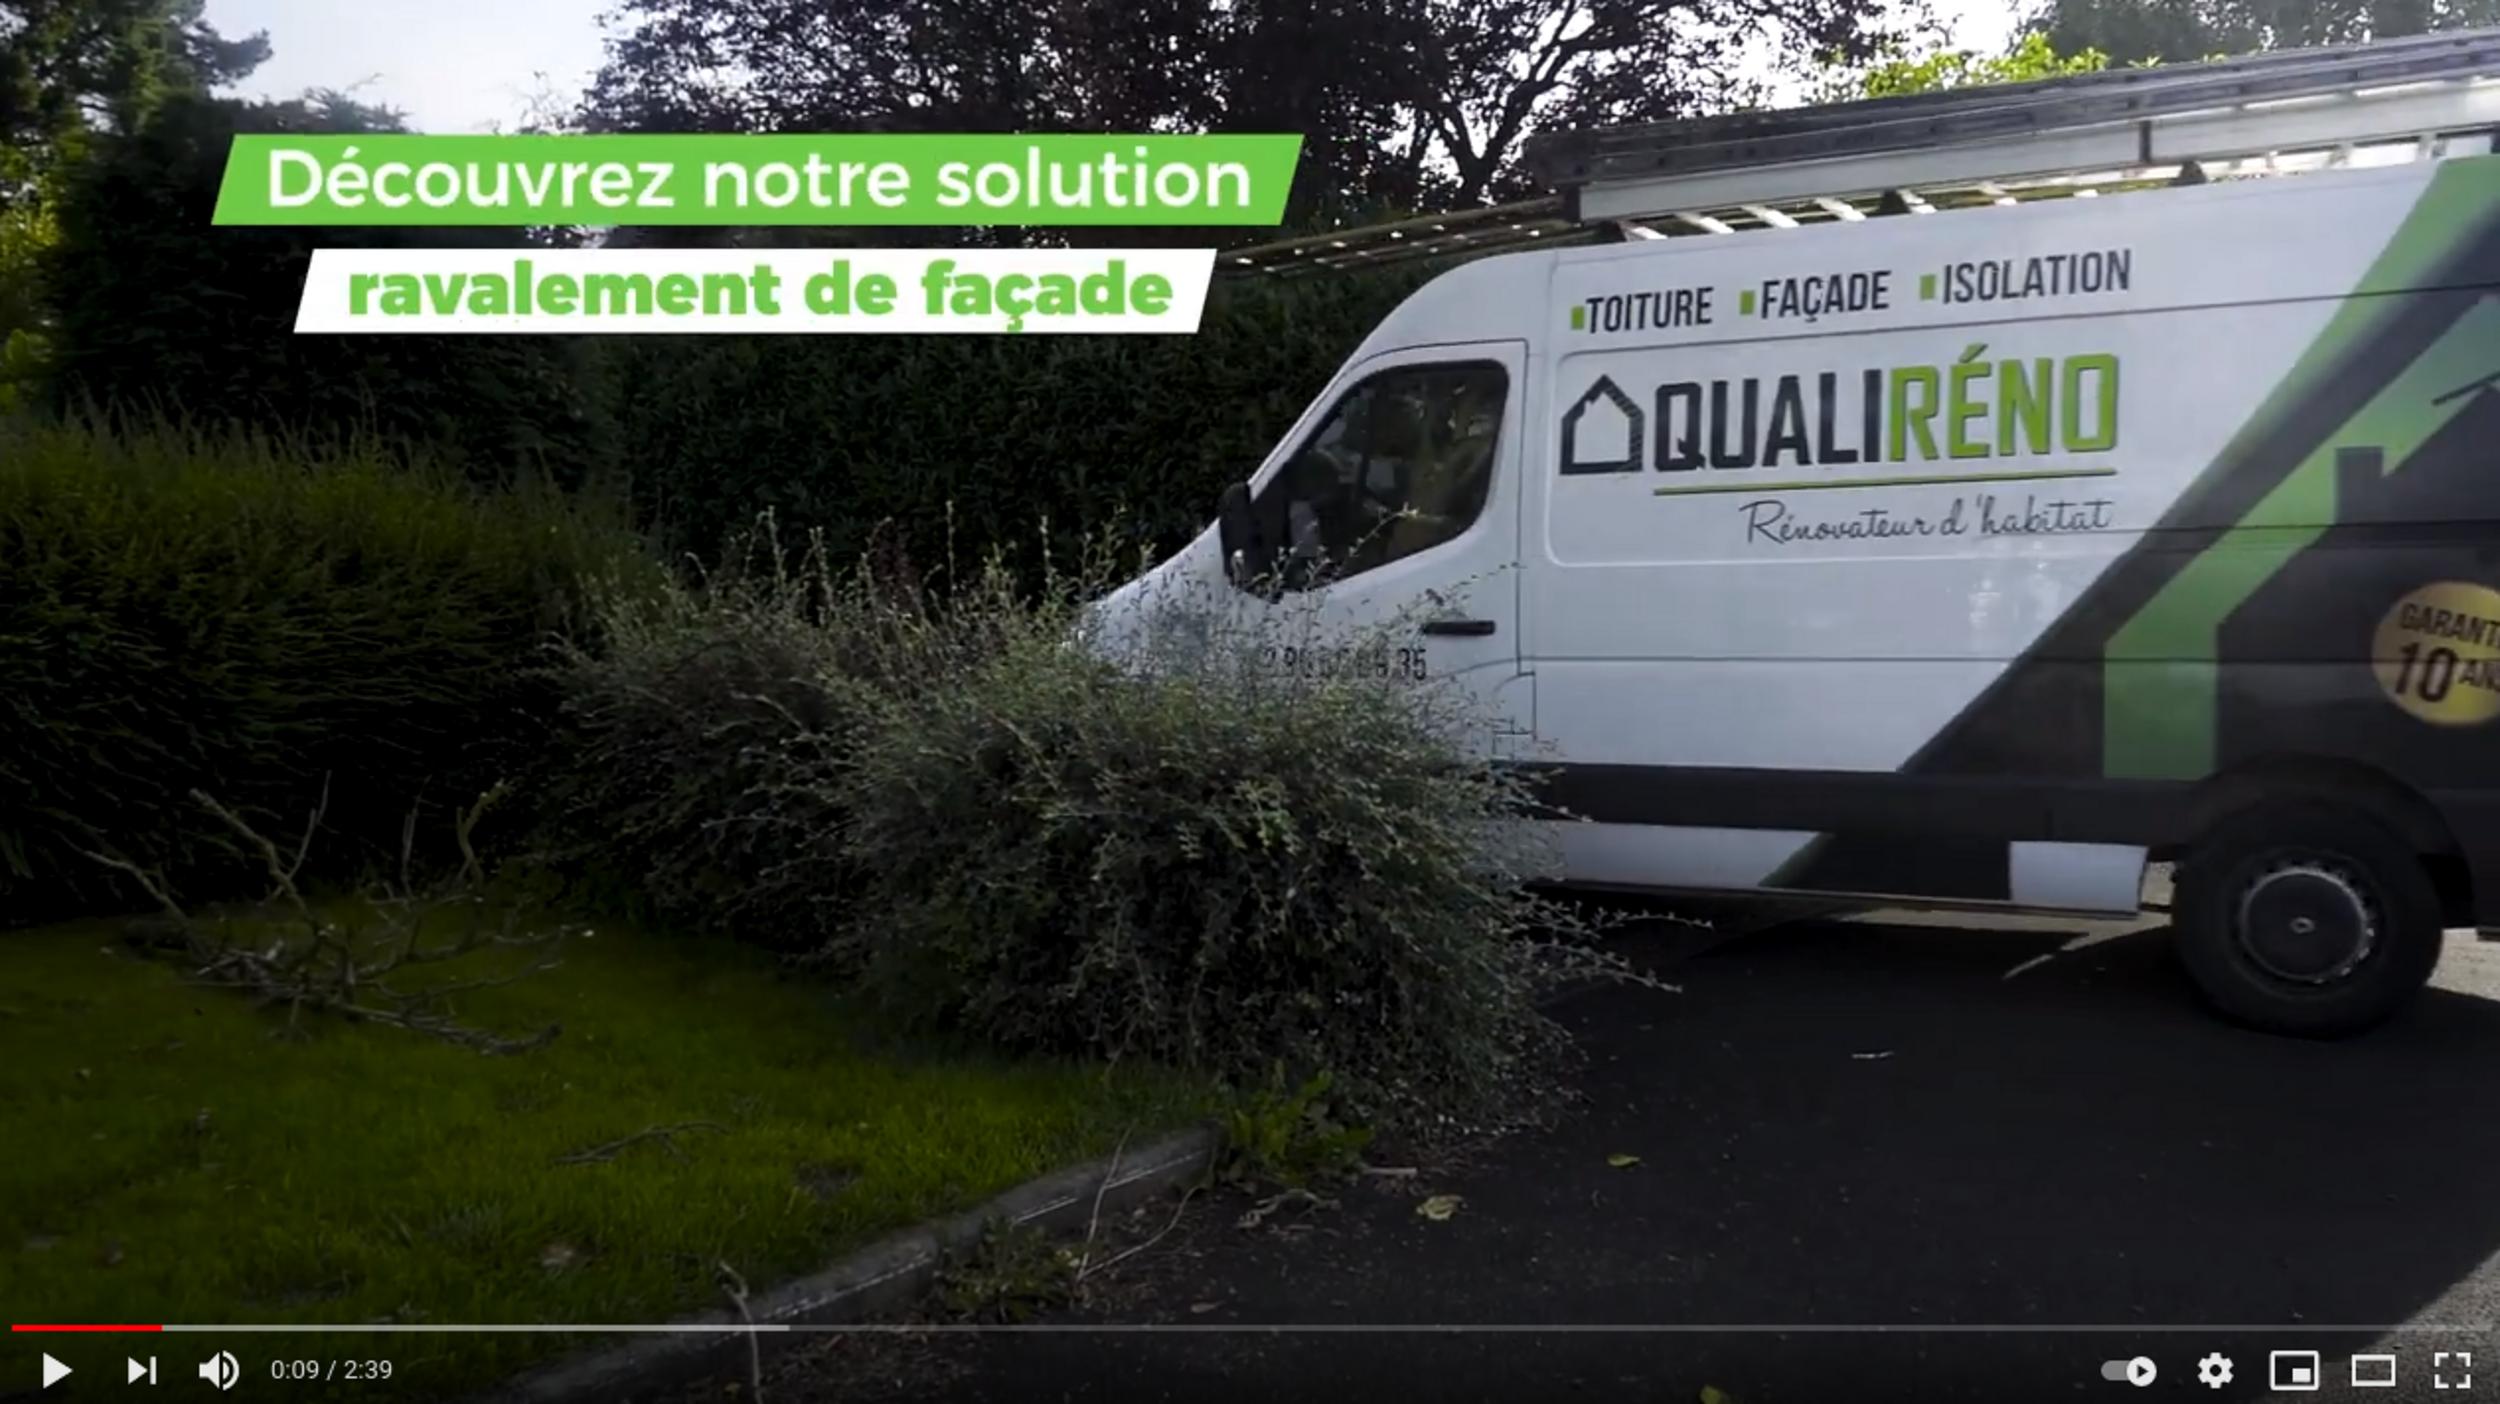 En vidéo : notre solution de ravalement de façade